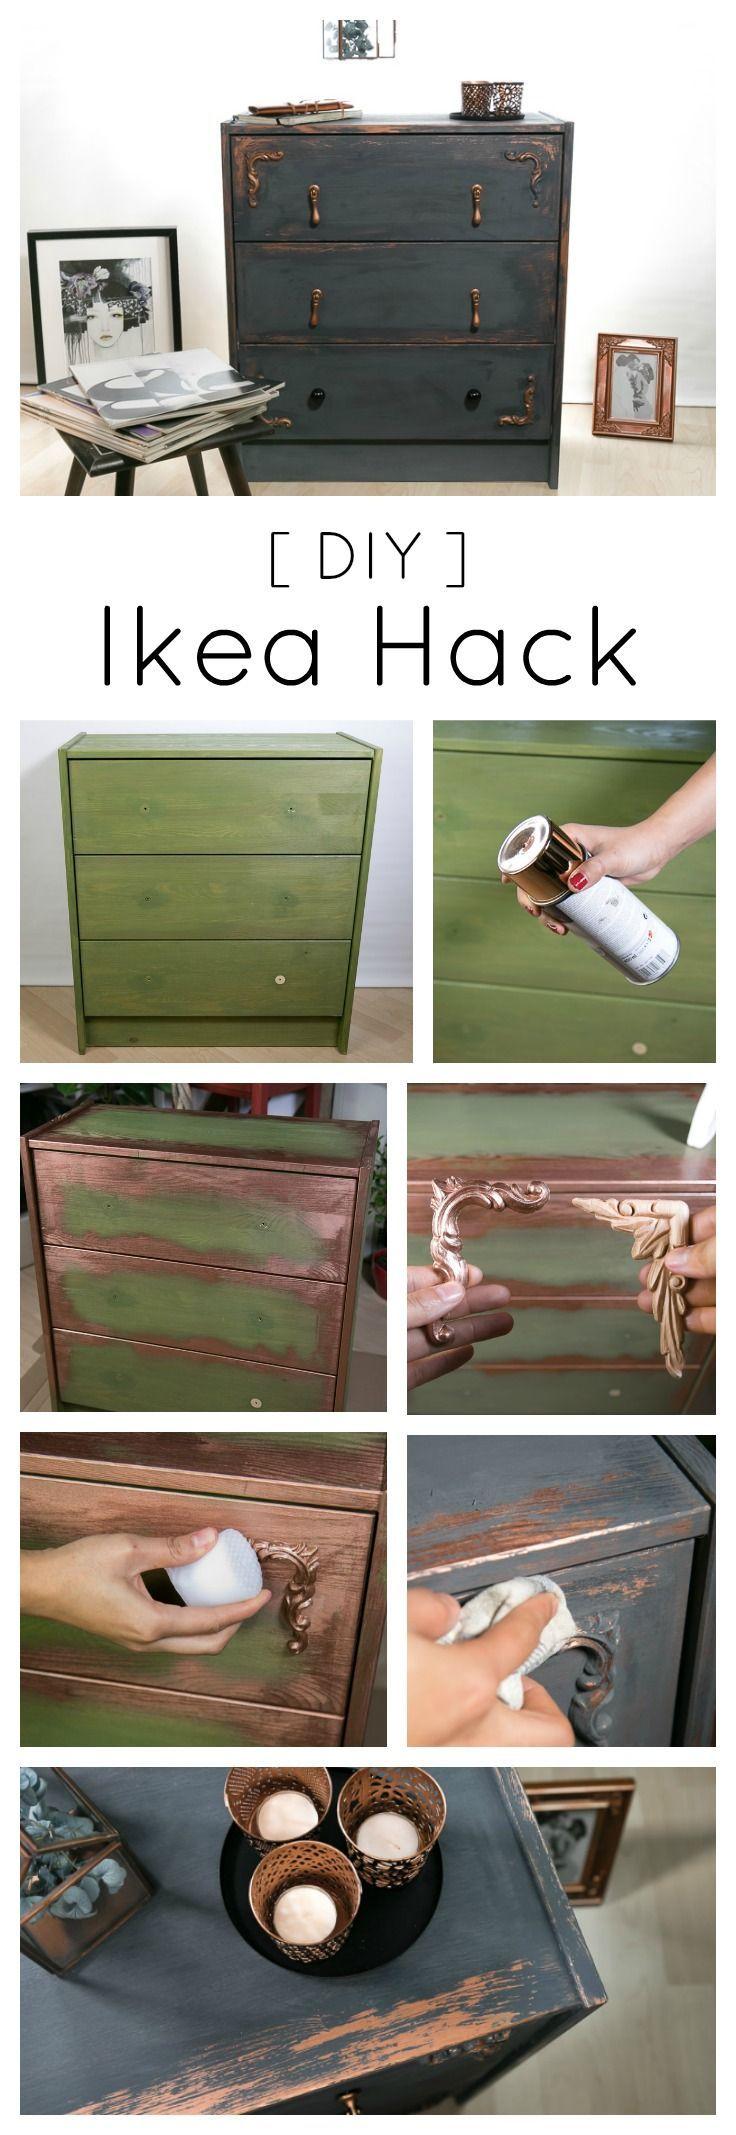 DIY Idee! Wie ich ein Möbelstück im Shabby Stil streiche, sodass eine drunter liegende Farbe zum Vorschein kommt | Möbel streichen | Möbel gestalten | Chalk Paint für Möbel | Kreidefarbe für Möbel | DIY Anleitung Deutsch | Ausführliche Anleitung | DIY Idee | Möbel selbst streichen | Möbel mit Kreidefarbe streichen | Sprühfarbe